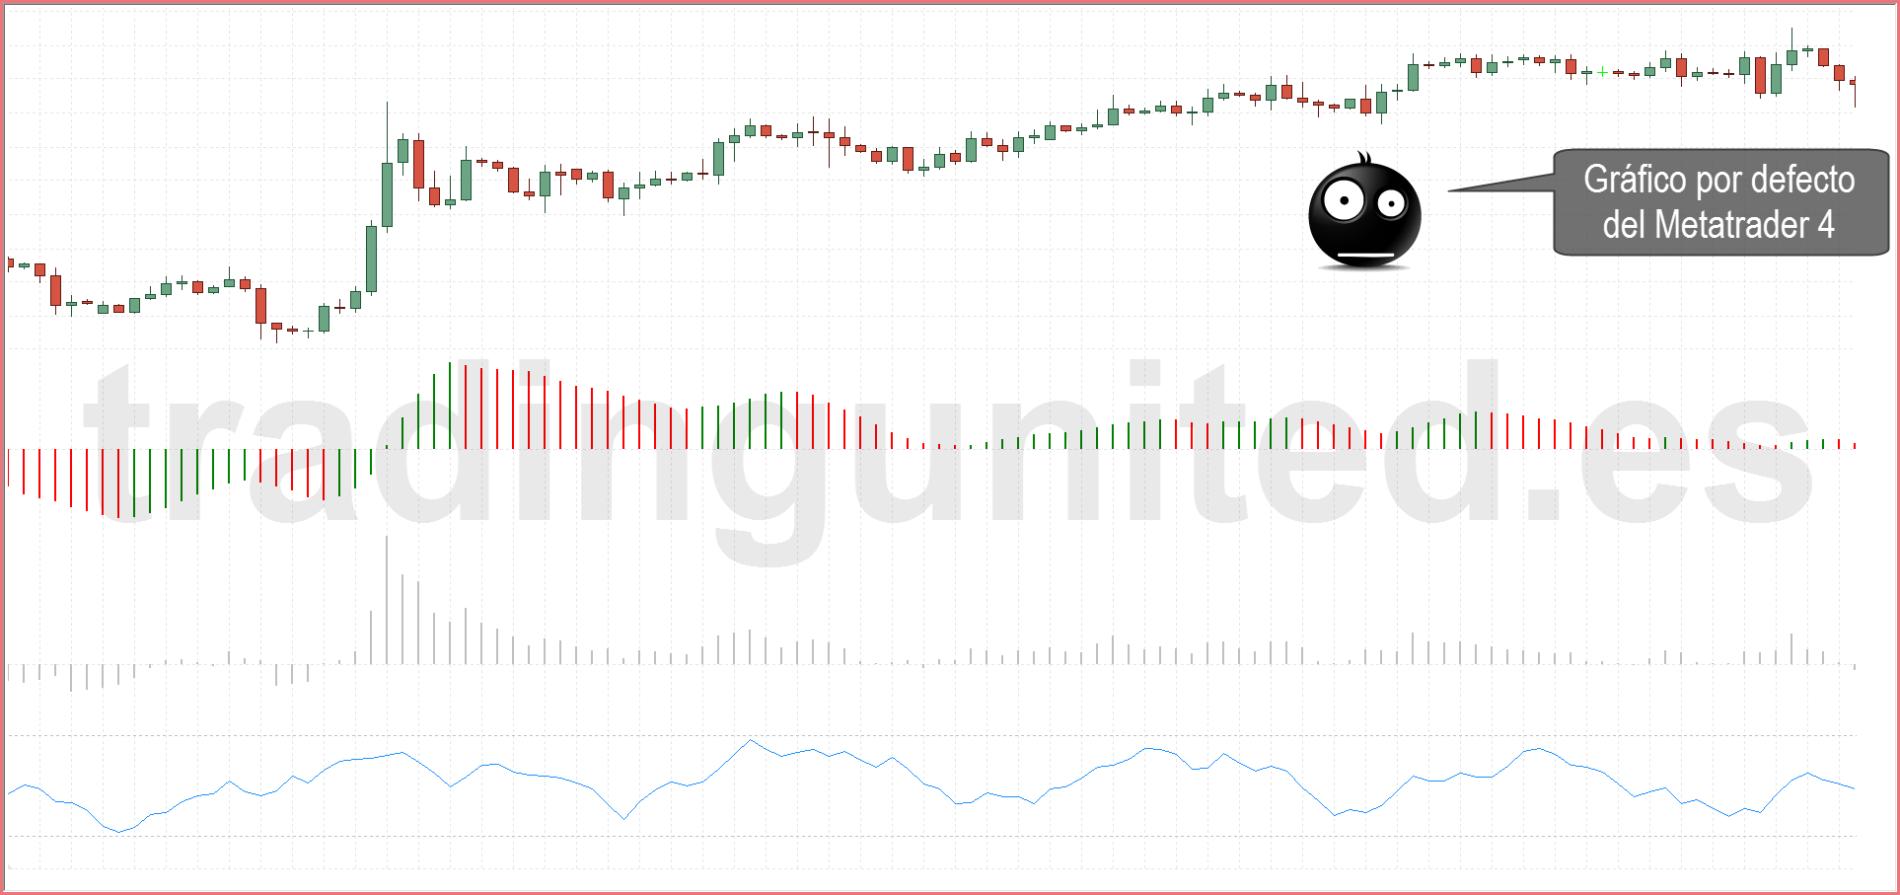 trading en demo grafico metatrader